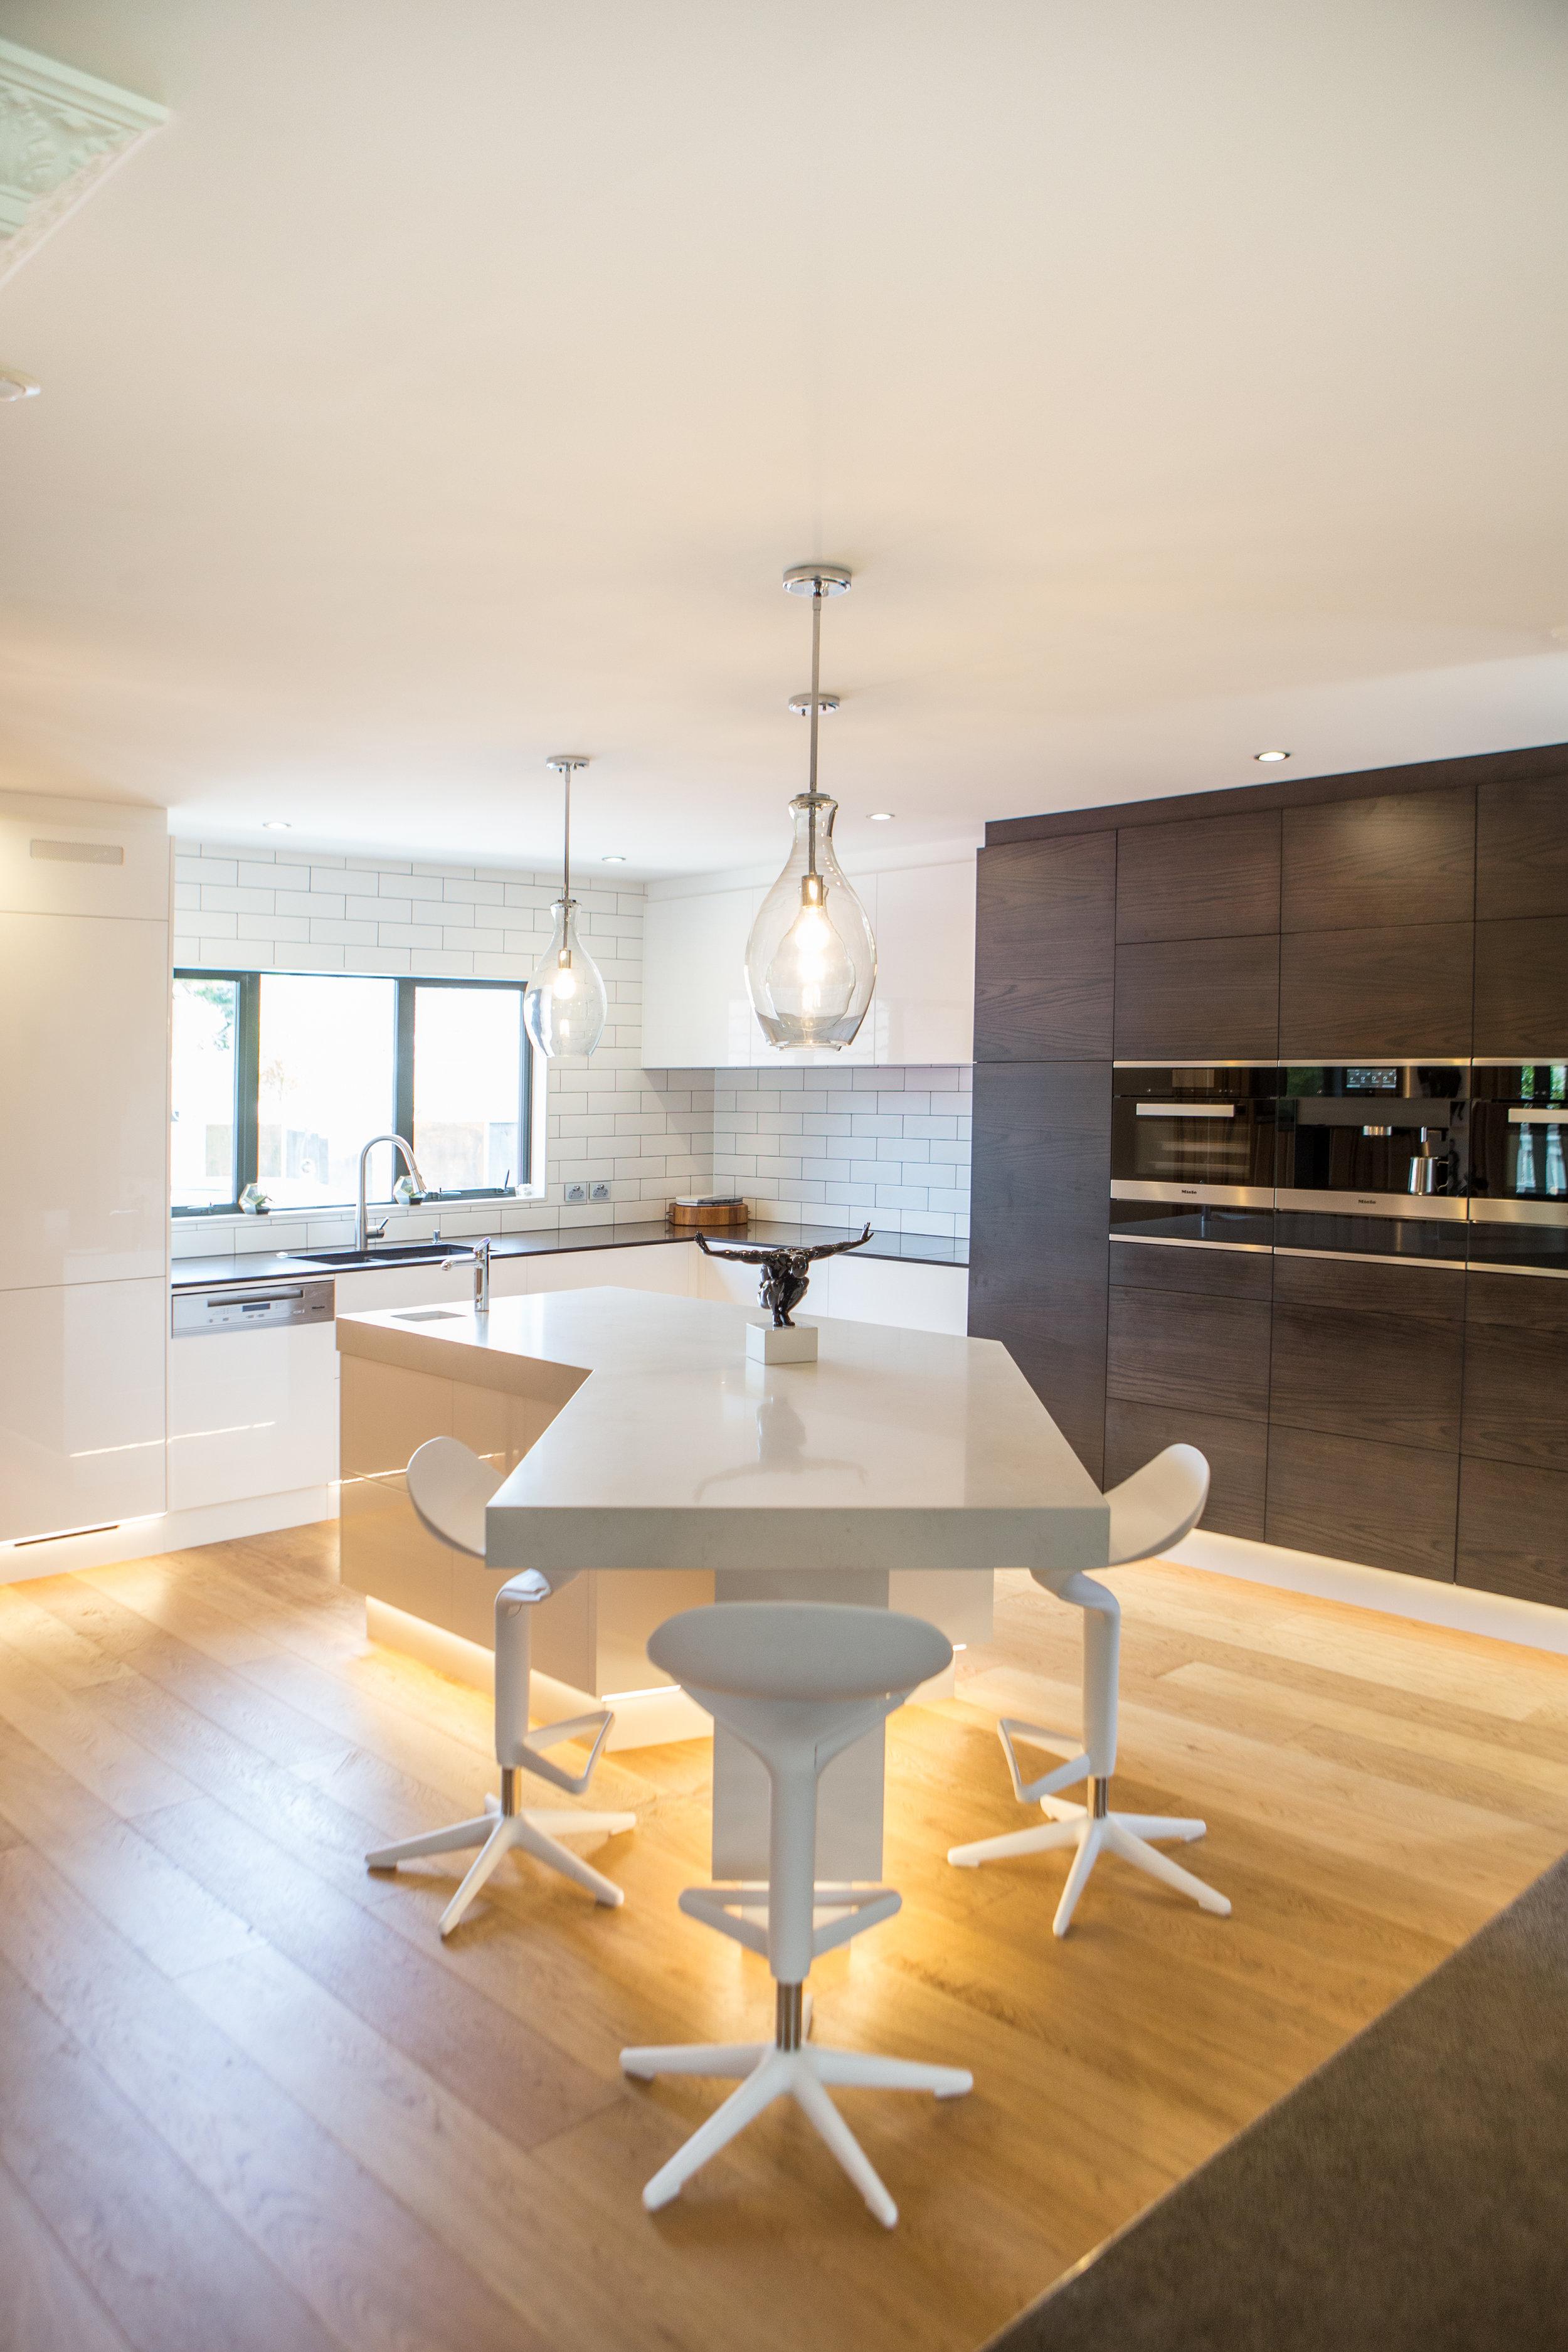 In Haus Design Kitchen Four 01.jpg